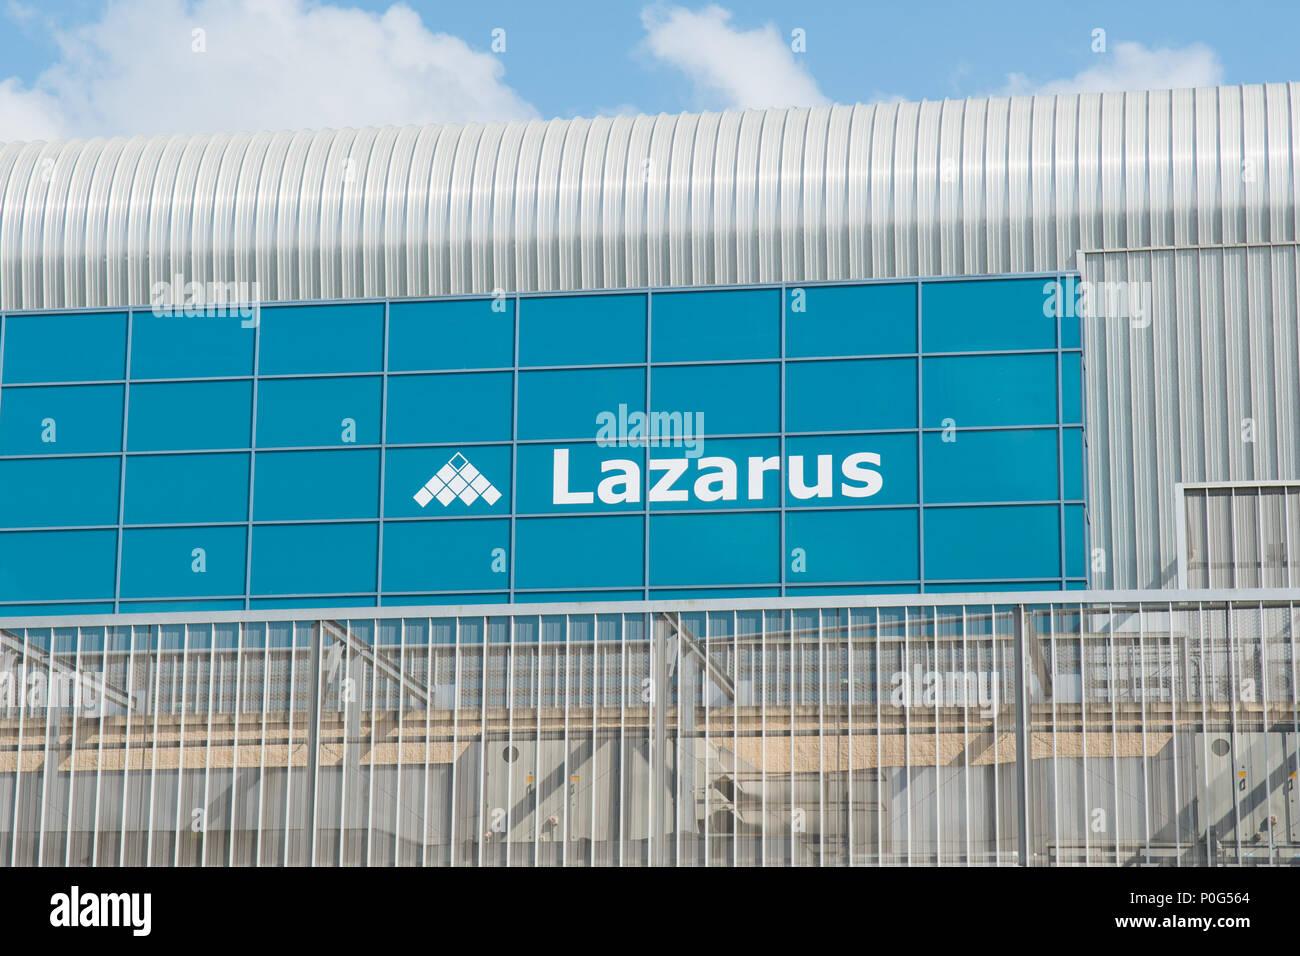 Lazarus Eigenschaften unterzeichnen, Doncaster Racecourse, Doncaster, South Yorkshire, England, Großbritannien Stockbild